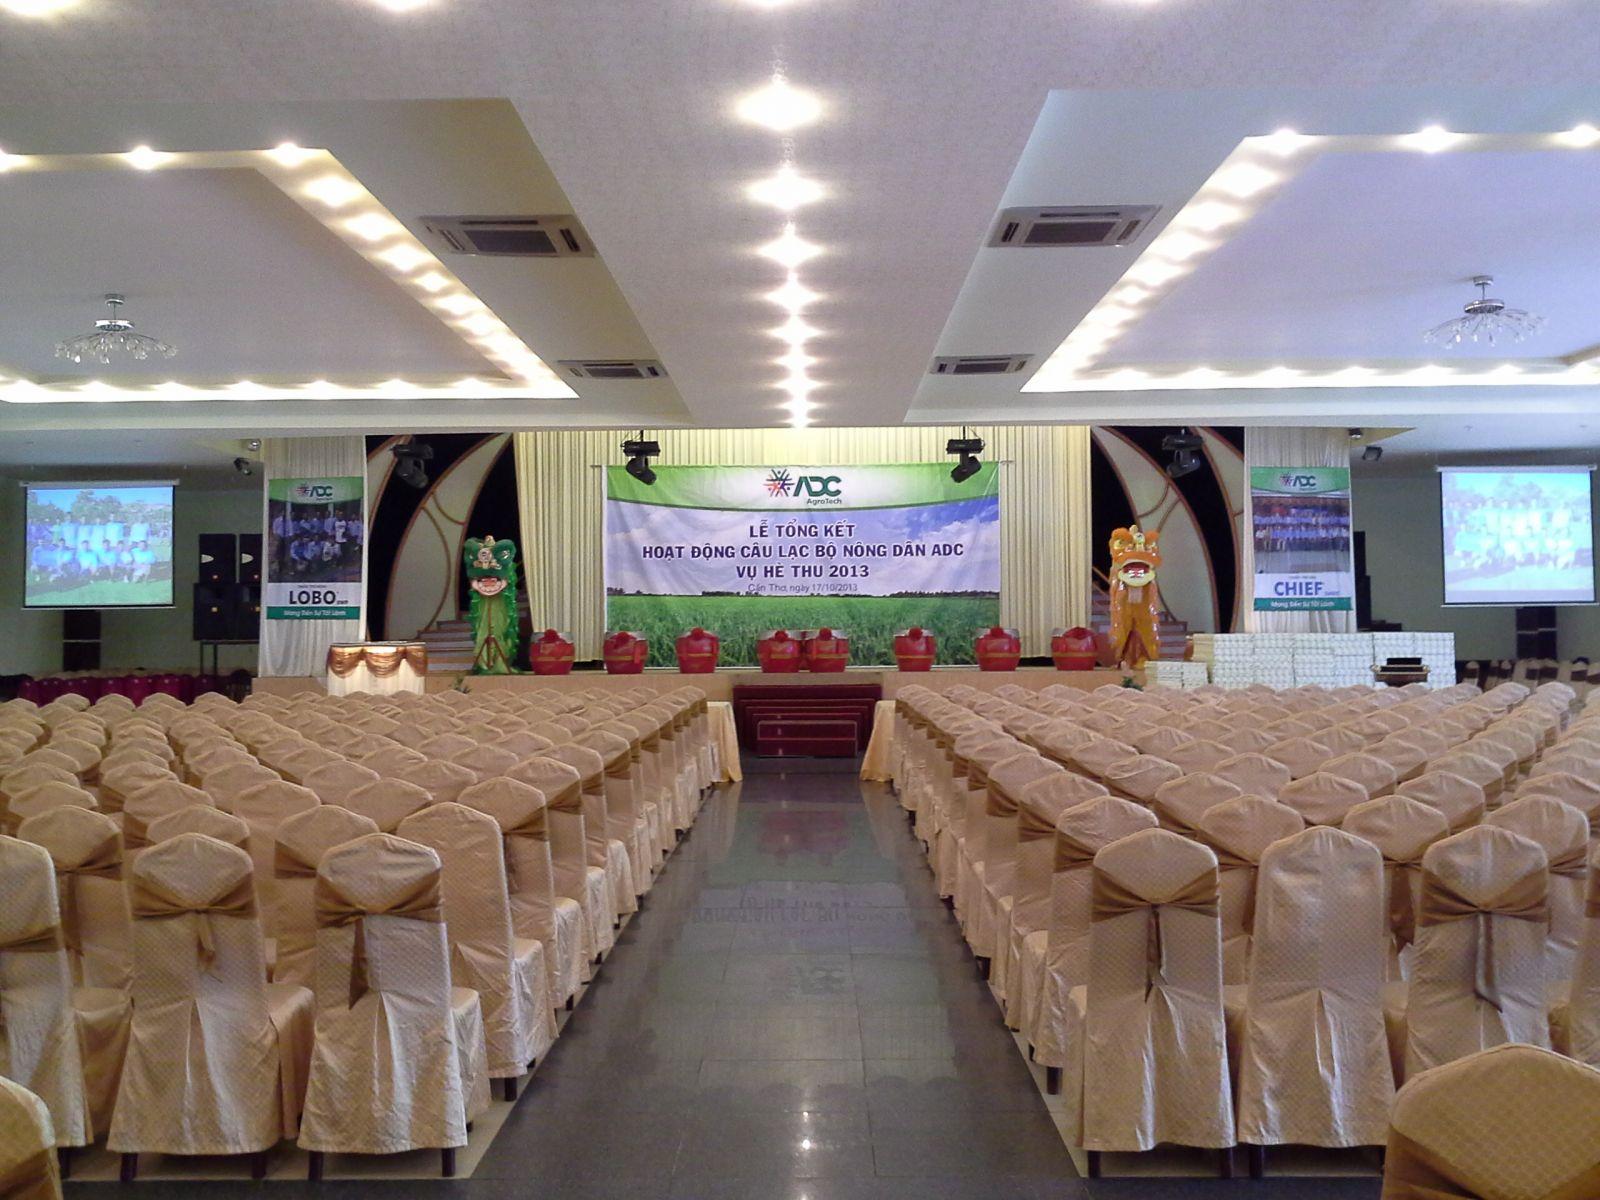 Công ty bán bộ dàn âm thanh hội trường chuẩn ở Hà Nội